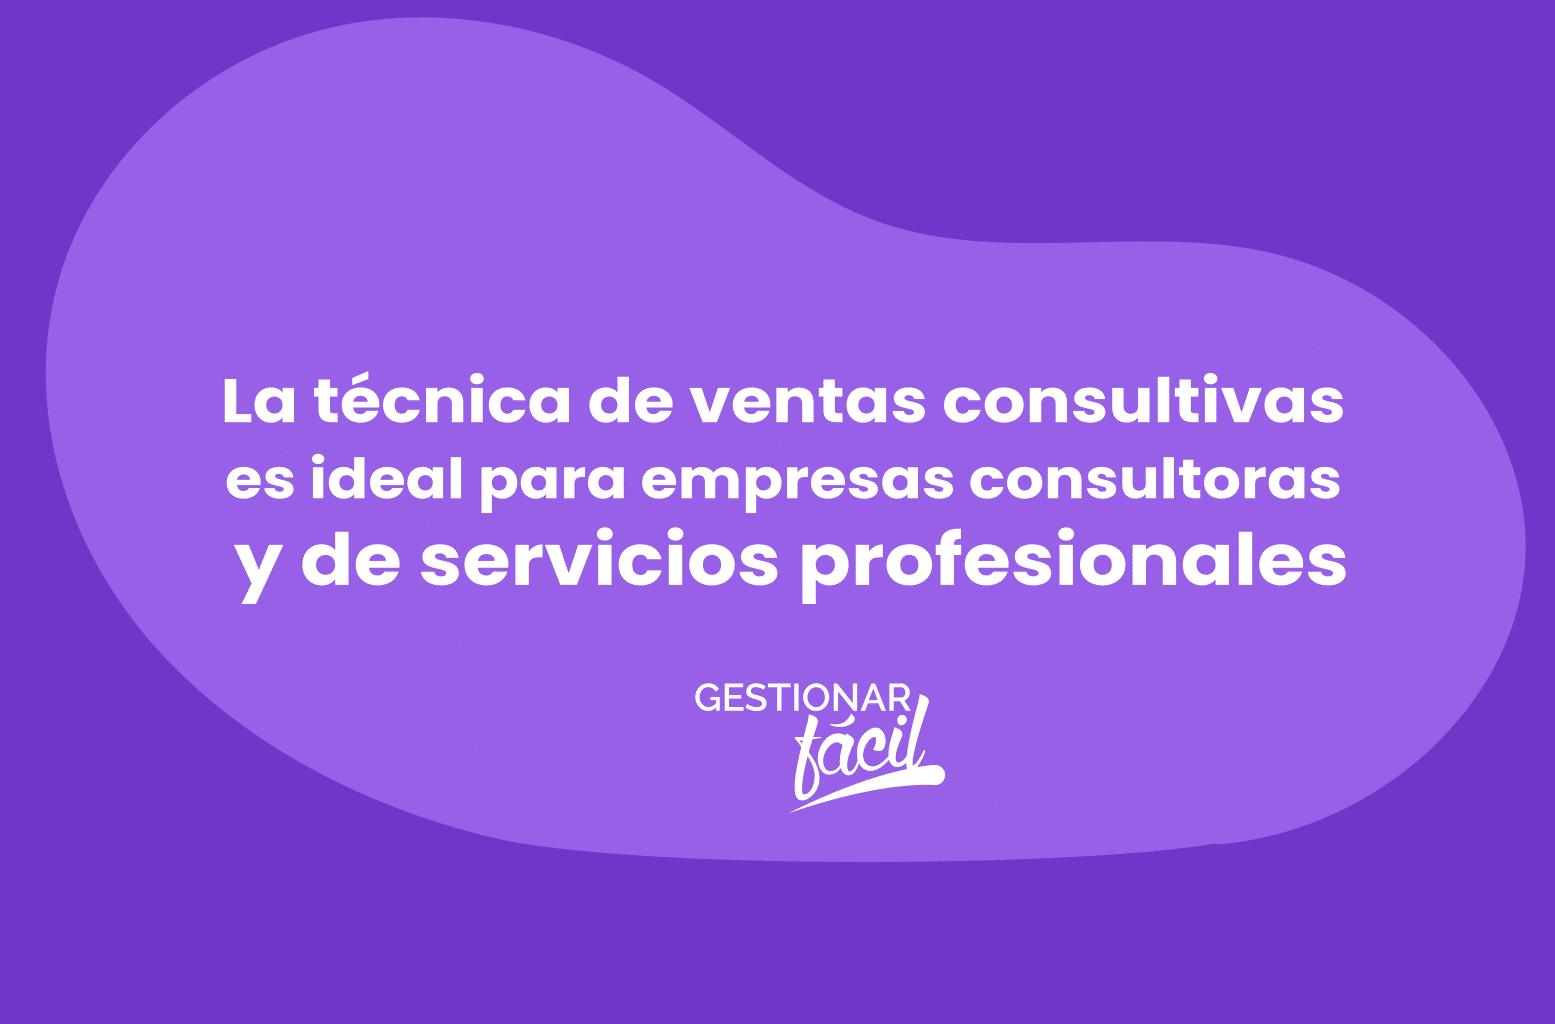 La técnica de ventas consultivas es ideal en empresas consultoras y de servicios profesionales.